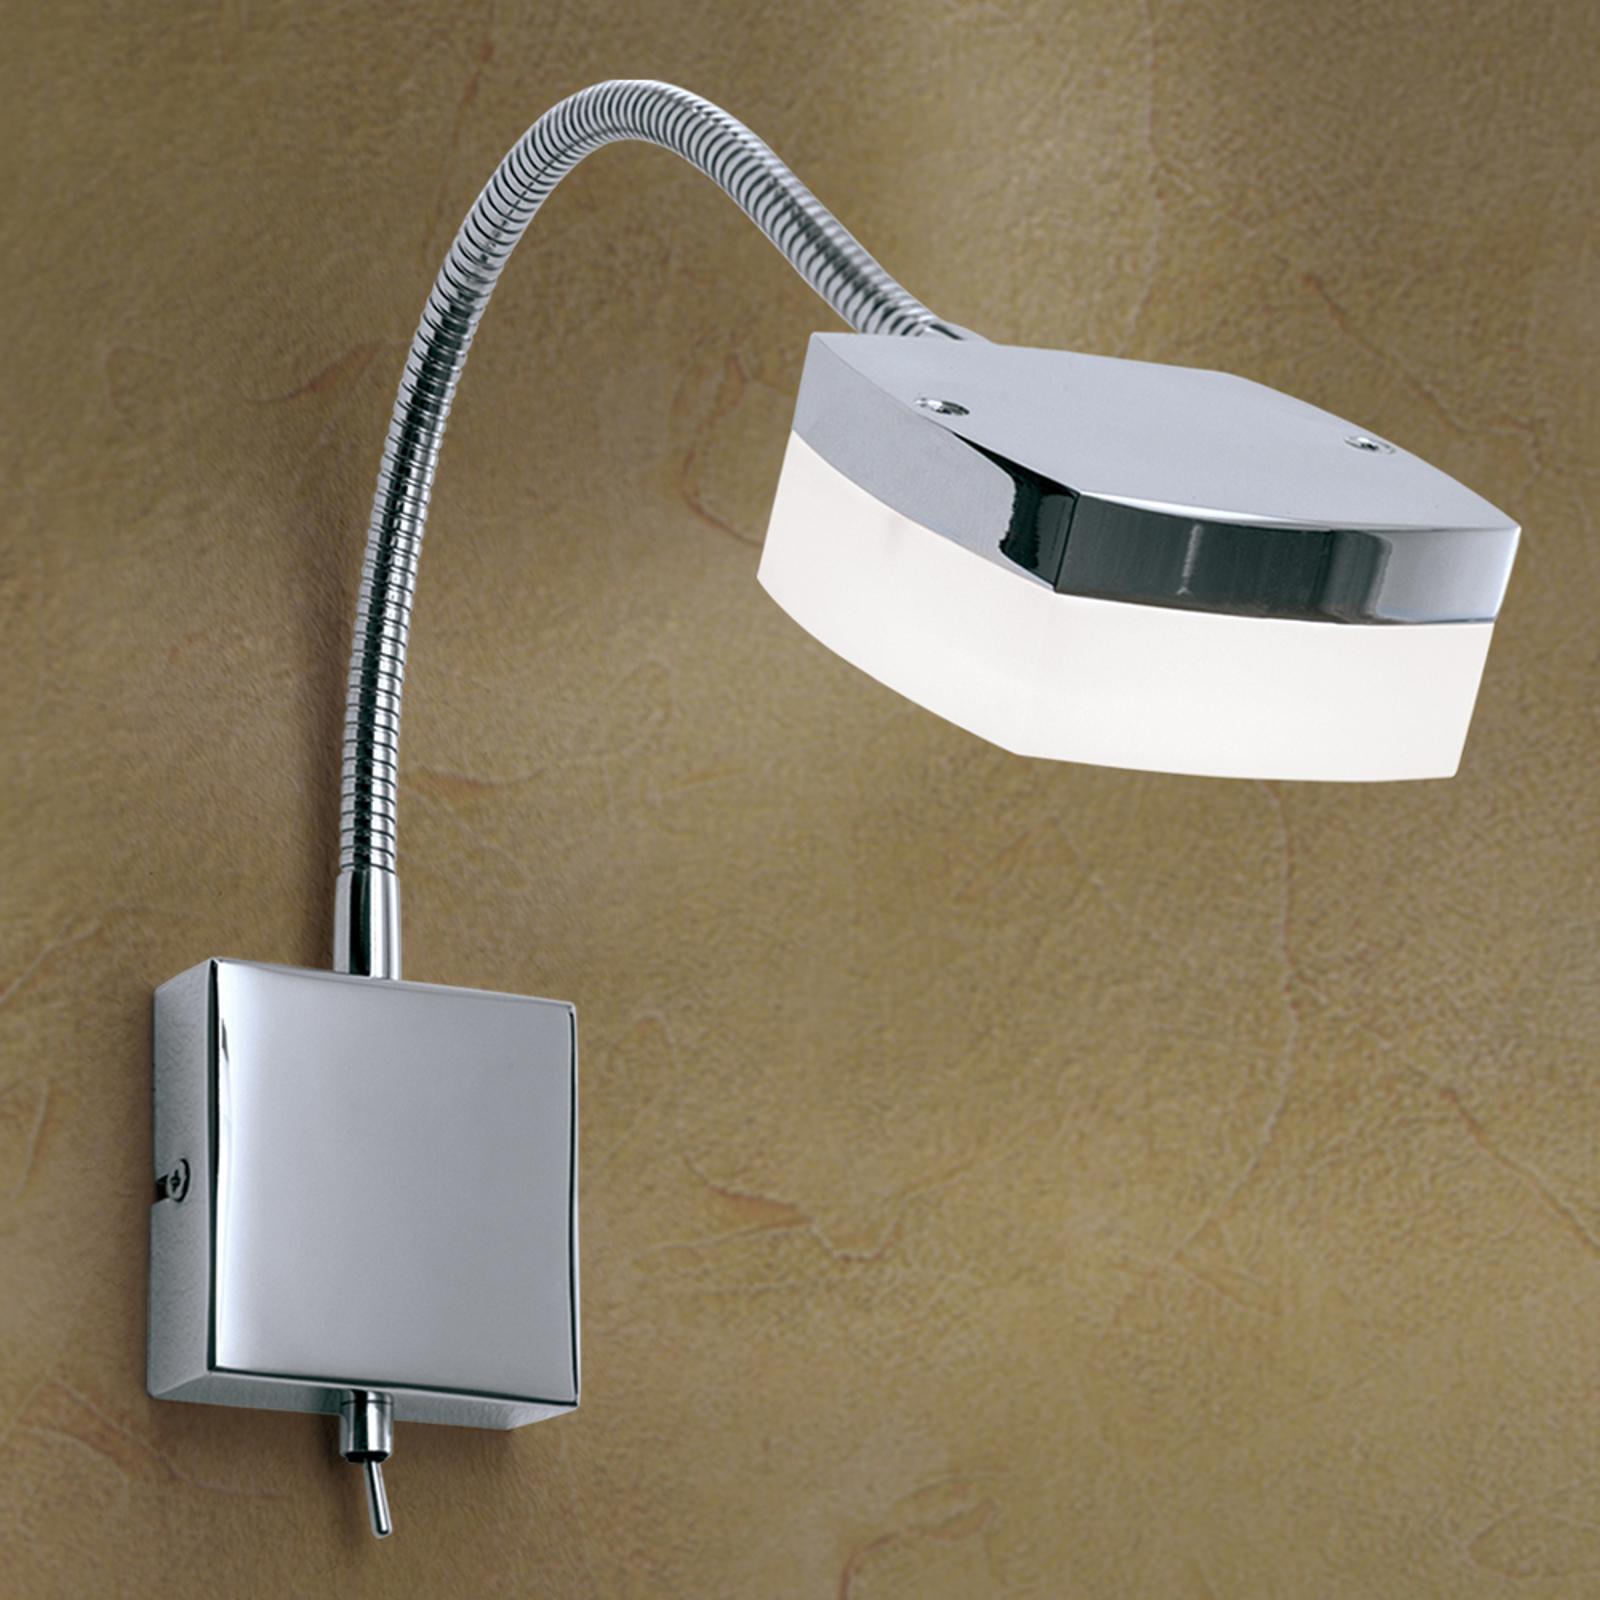 LED-vegglampe Narek med svanehals